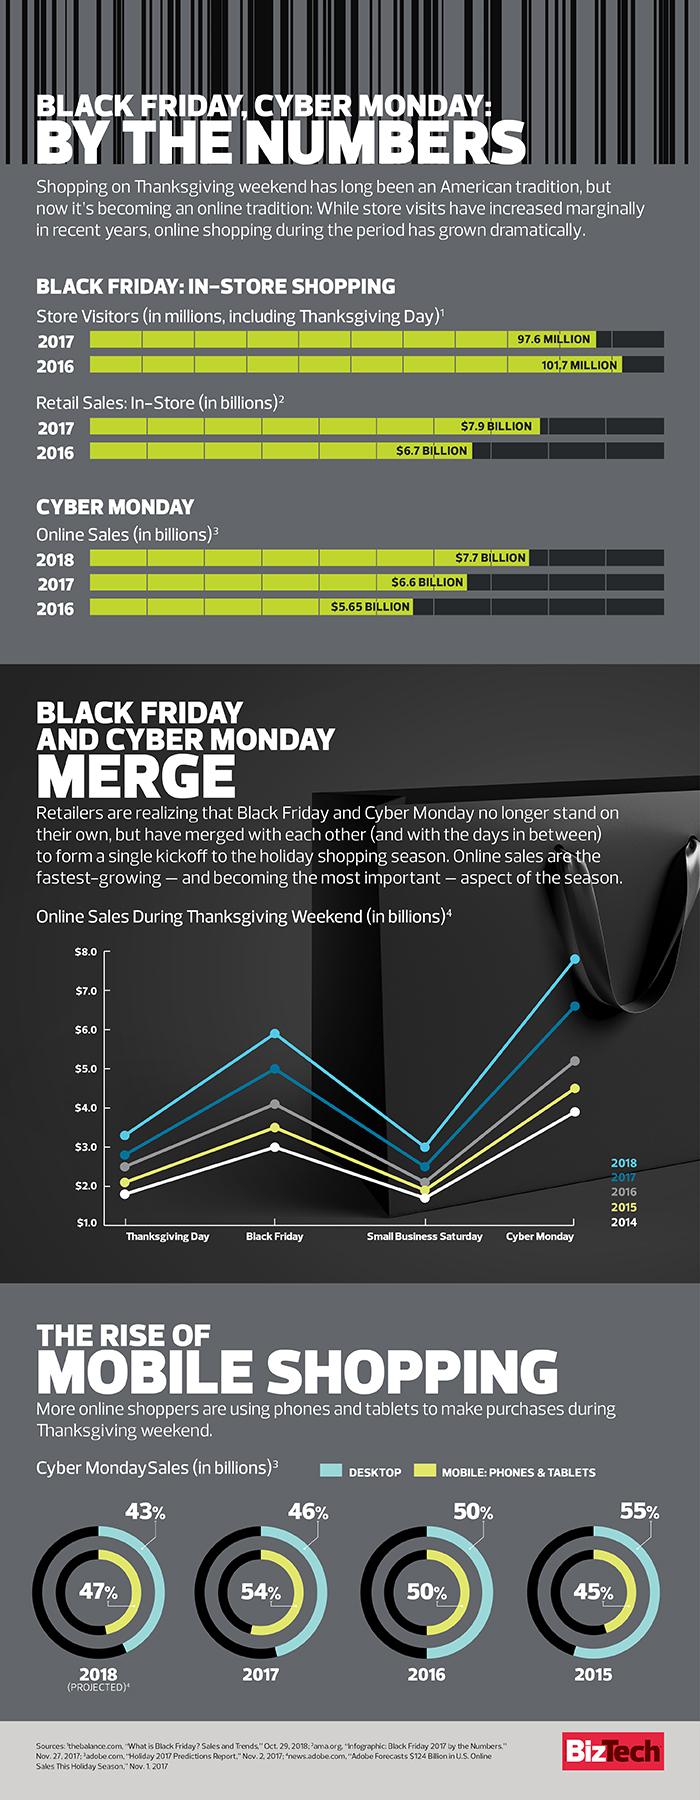 Black Friday Vs Cyber Monday Statistics